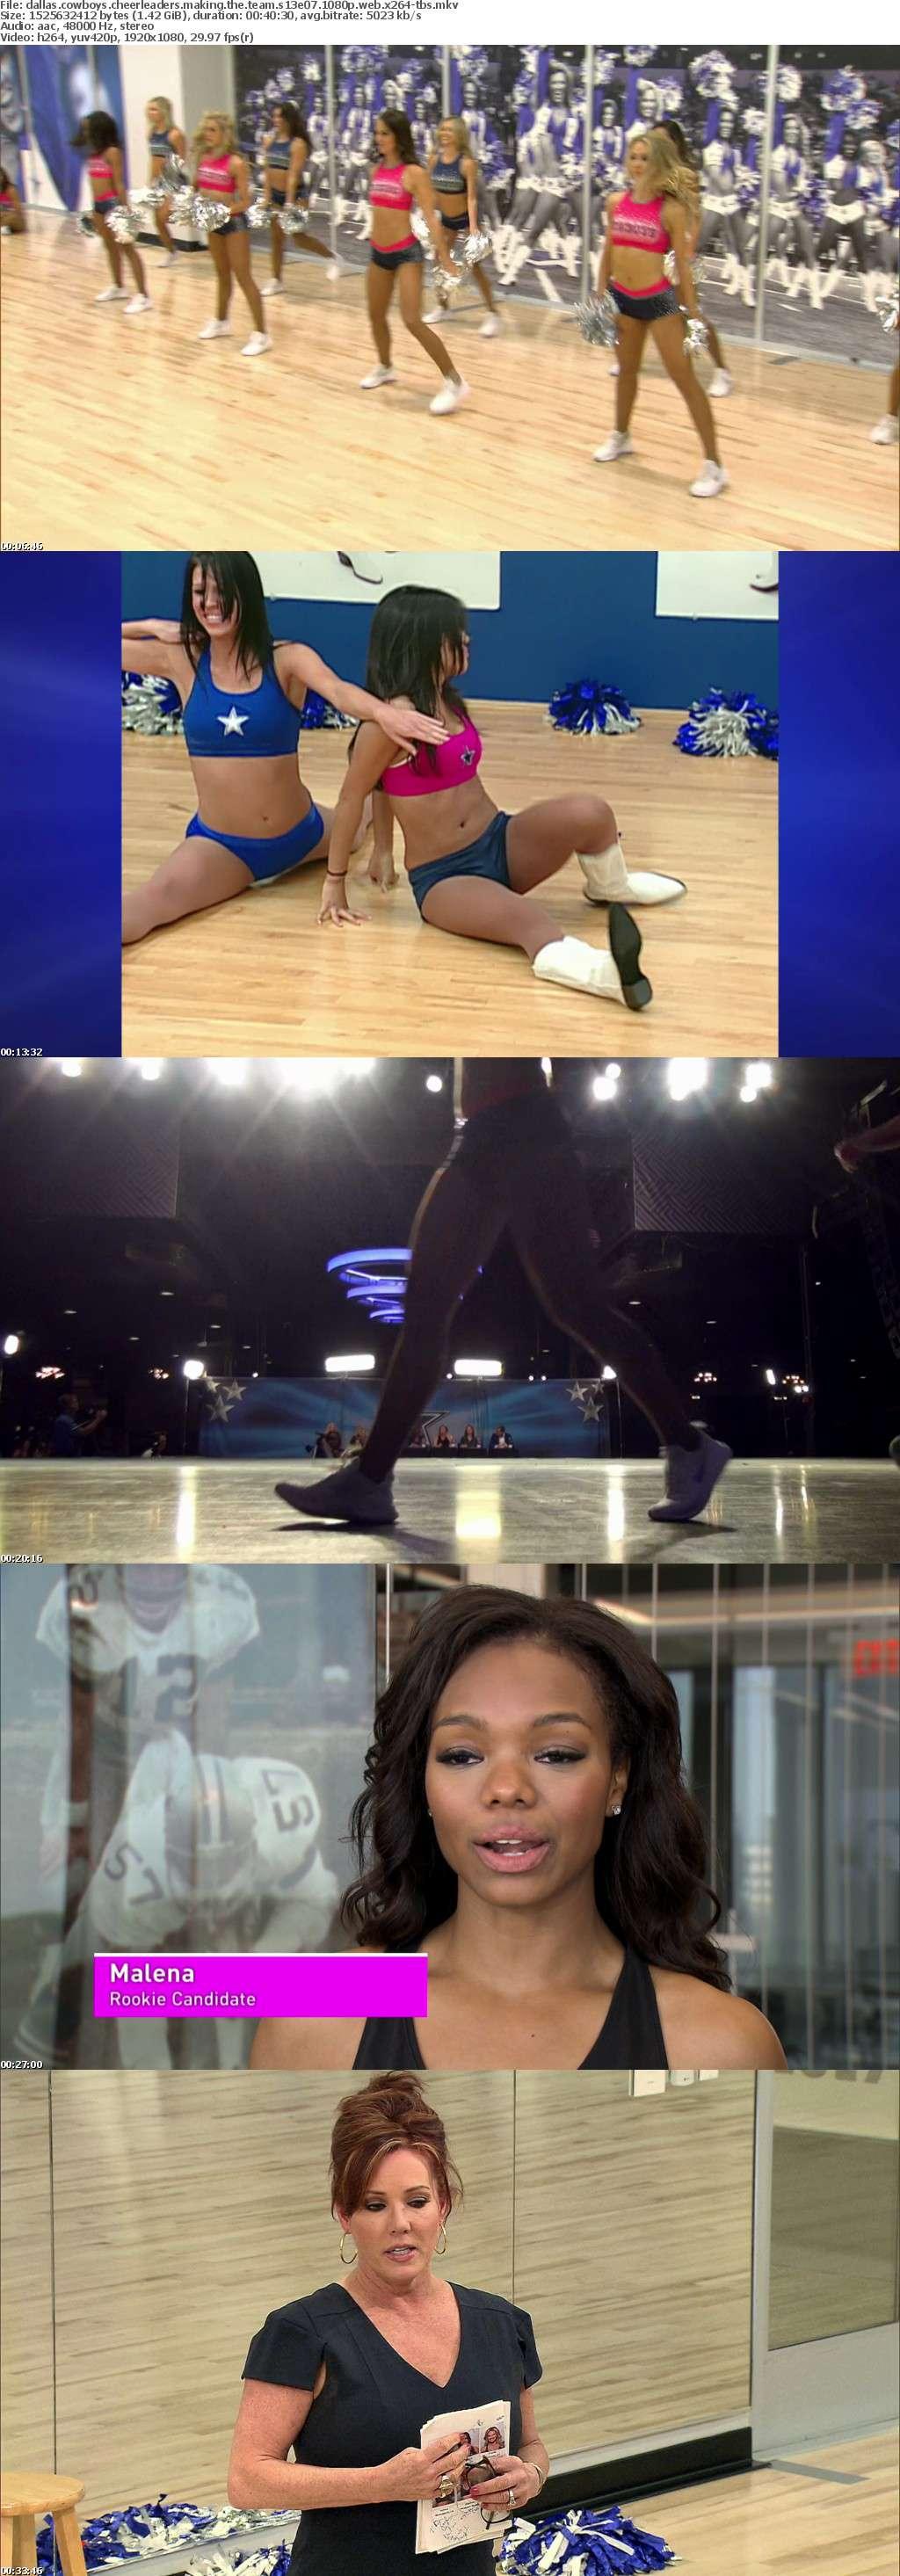 Dallas Cowboys Cheerleaders Making the Team S13E07 1080p WEB x264-TBS